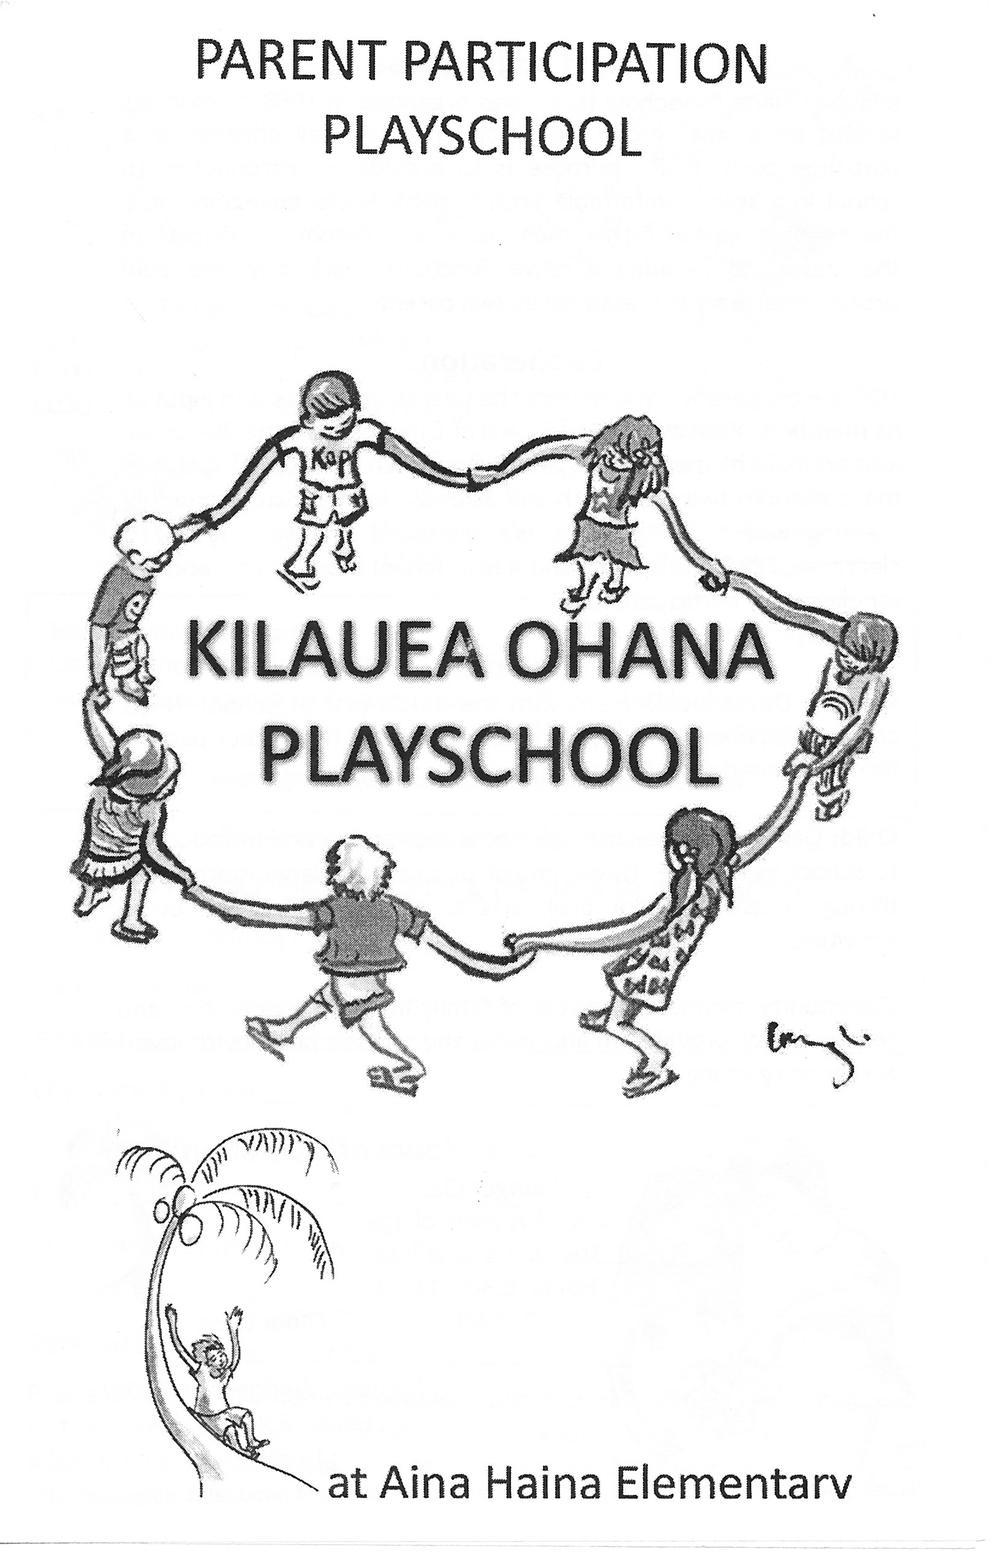 Kilauea Ohana Playschool Brochure